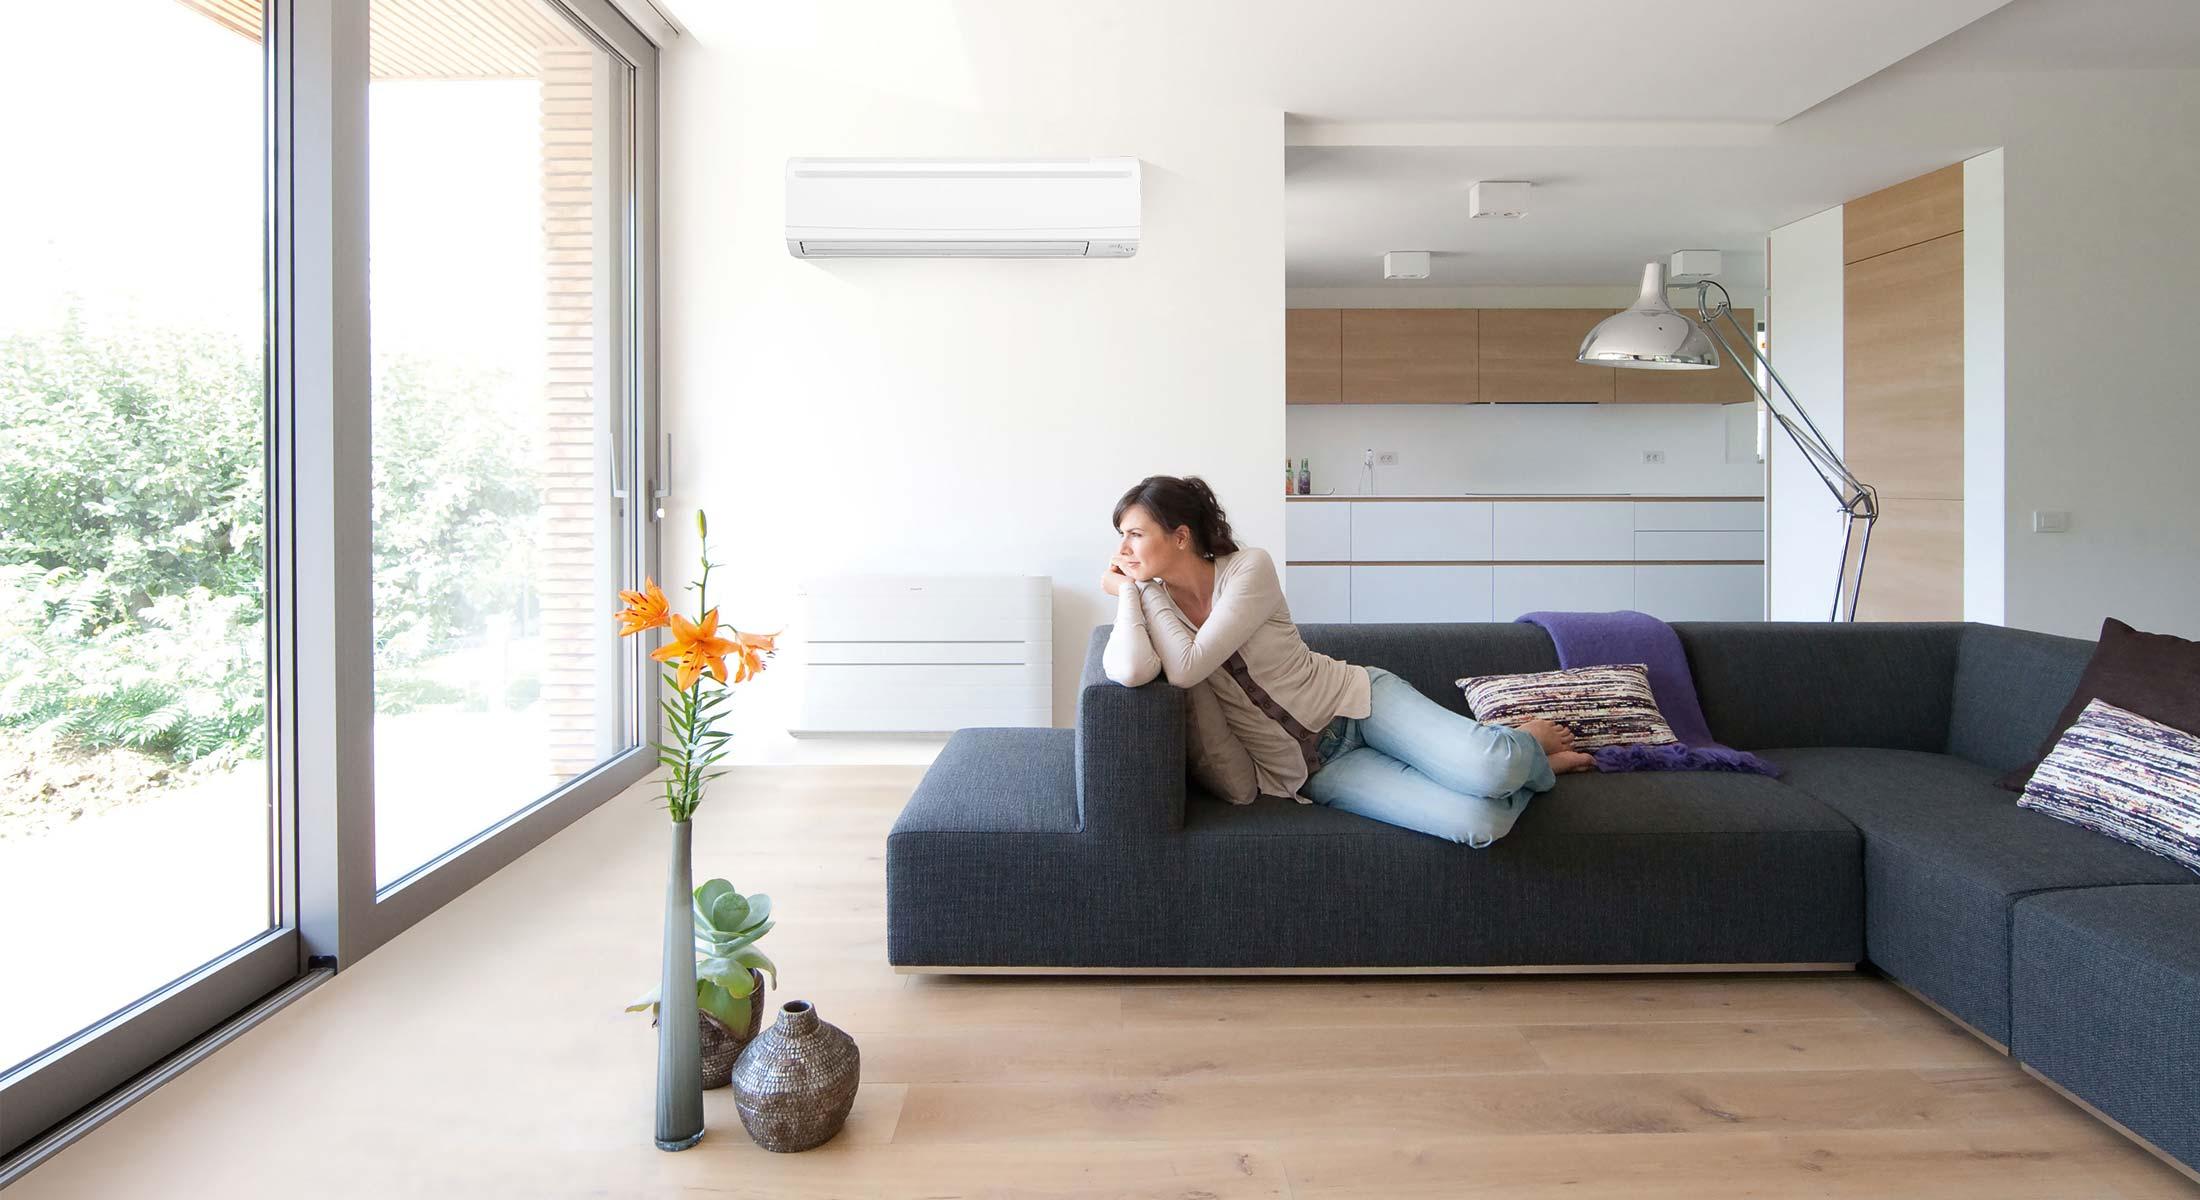 Escolha o ar-condicionado ideal para a sua necessidade